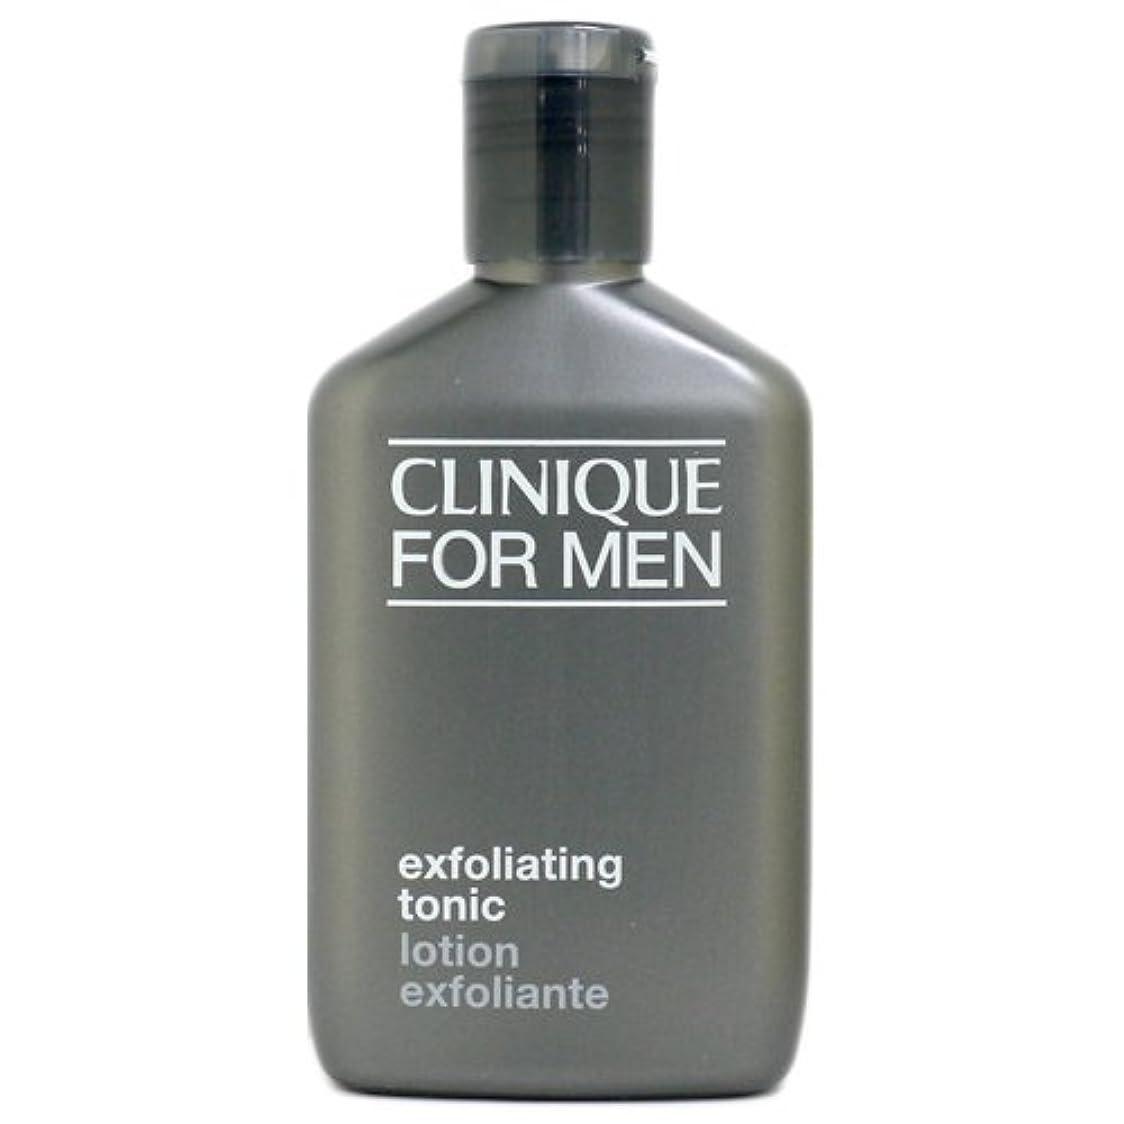 理想的振り向く事業クリニークフォーメン(CLINIQUE FOR MEN) エクスフォリエーティング トニック 200ml[並行輸入品]